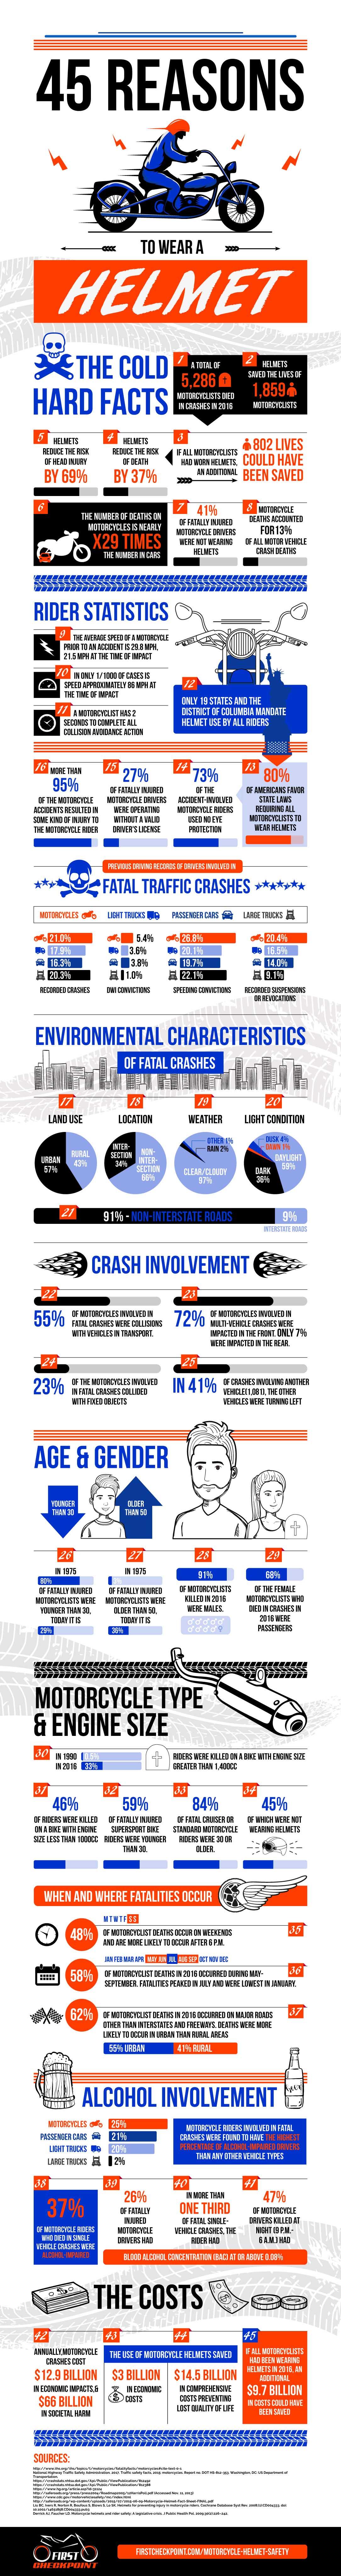 45 Reasons To Wear a Helmet